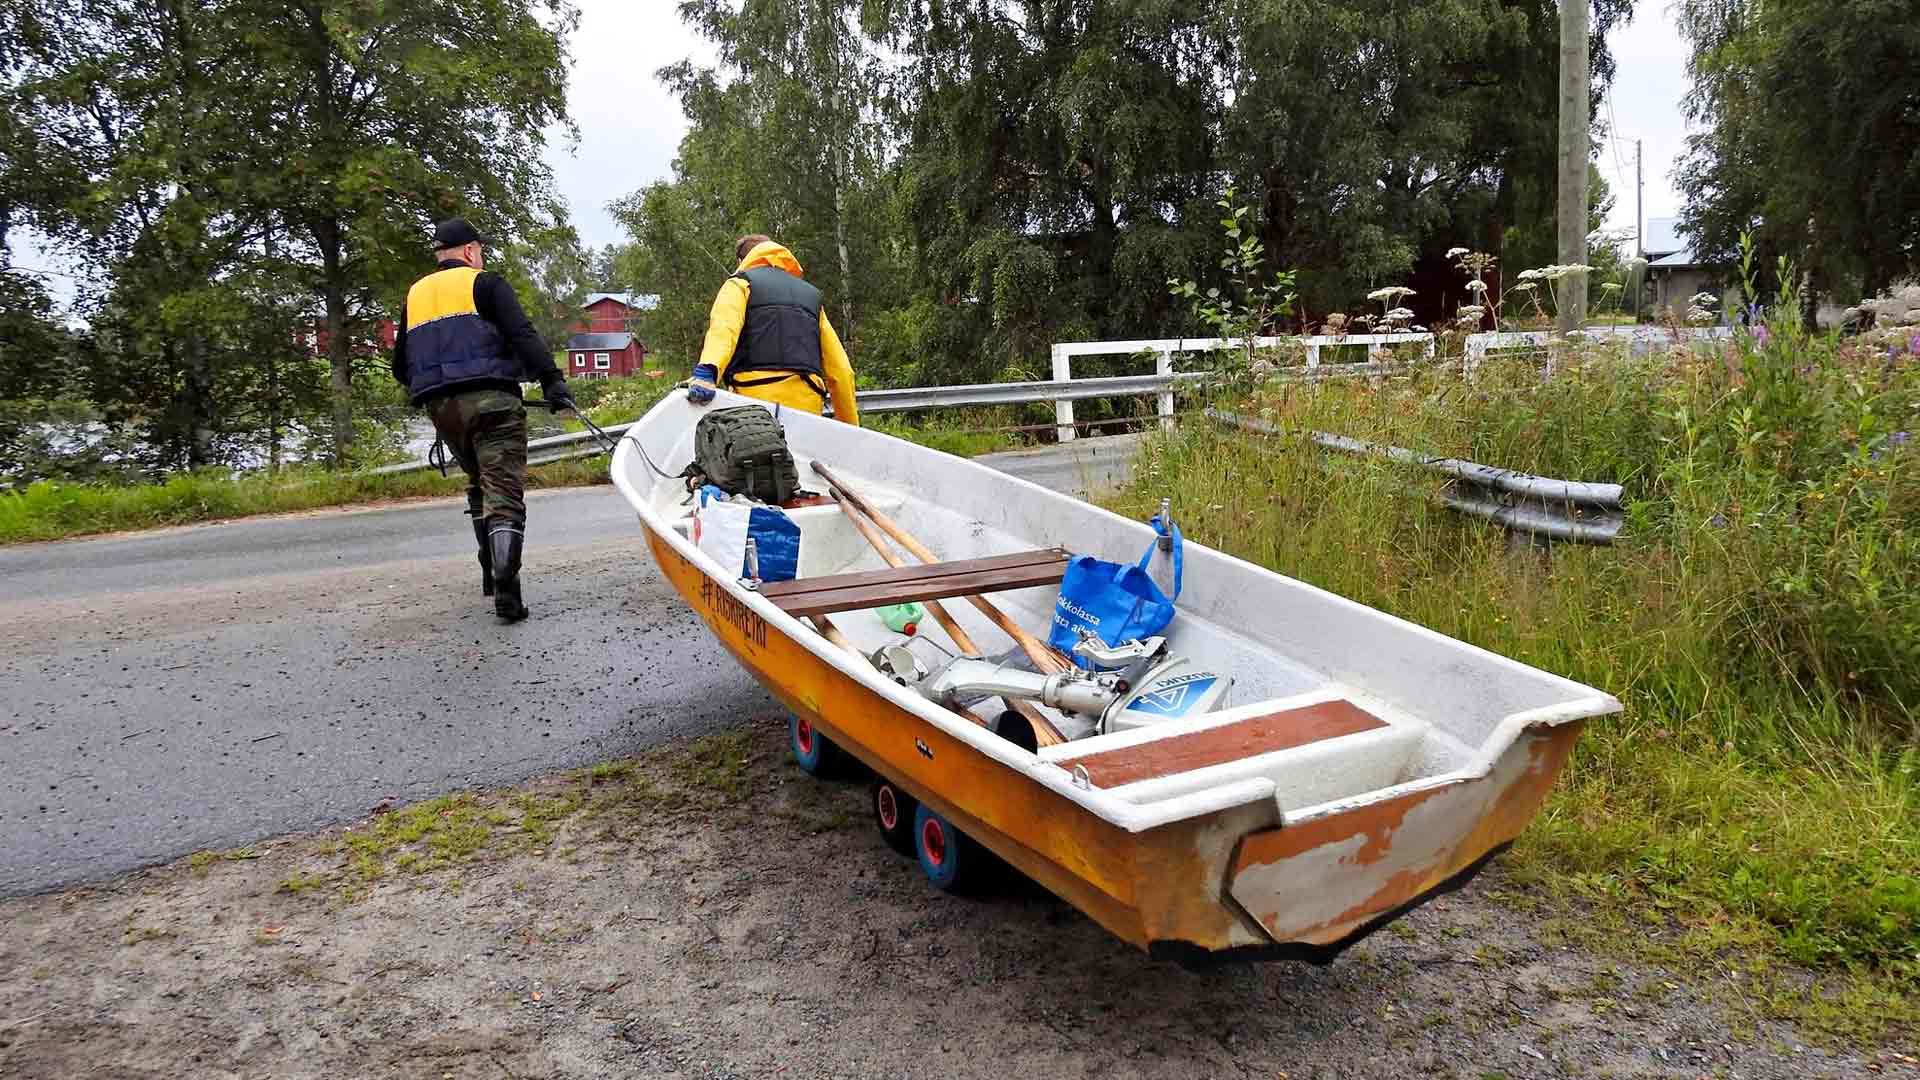 Riskiretkellä toimittiin kuin golfkentällä: vene kuljetettiin pallon tavoin aina sinne, mihin oli edellisellä kerralla jääty.